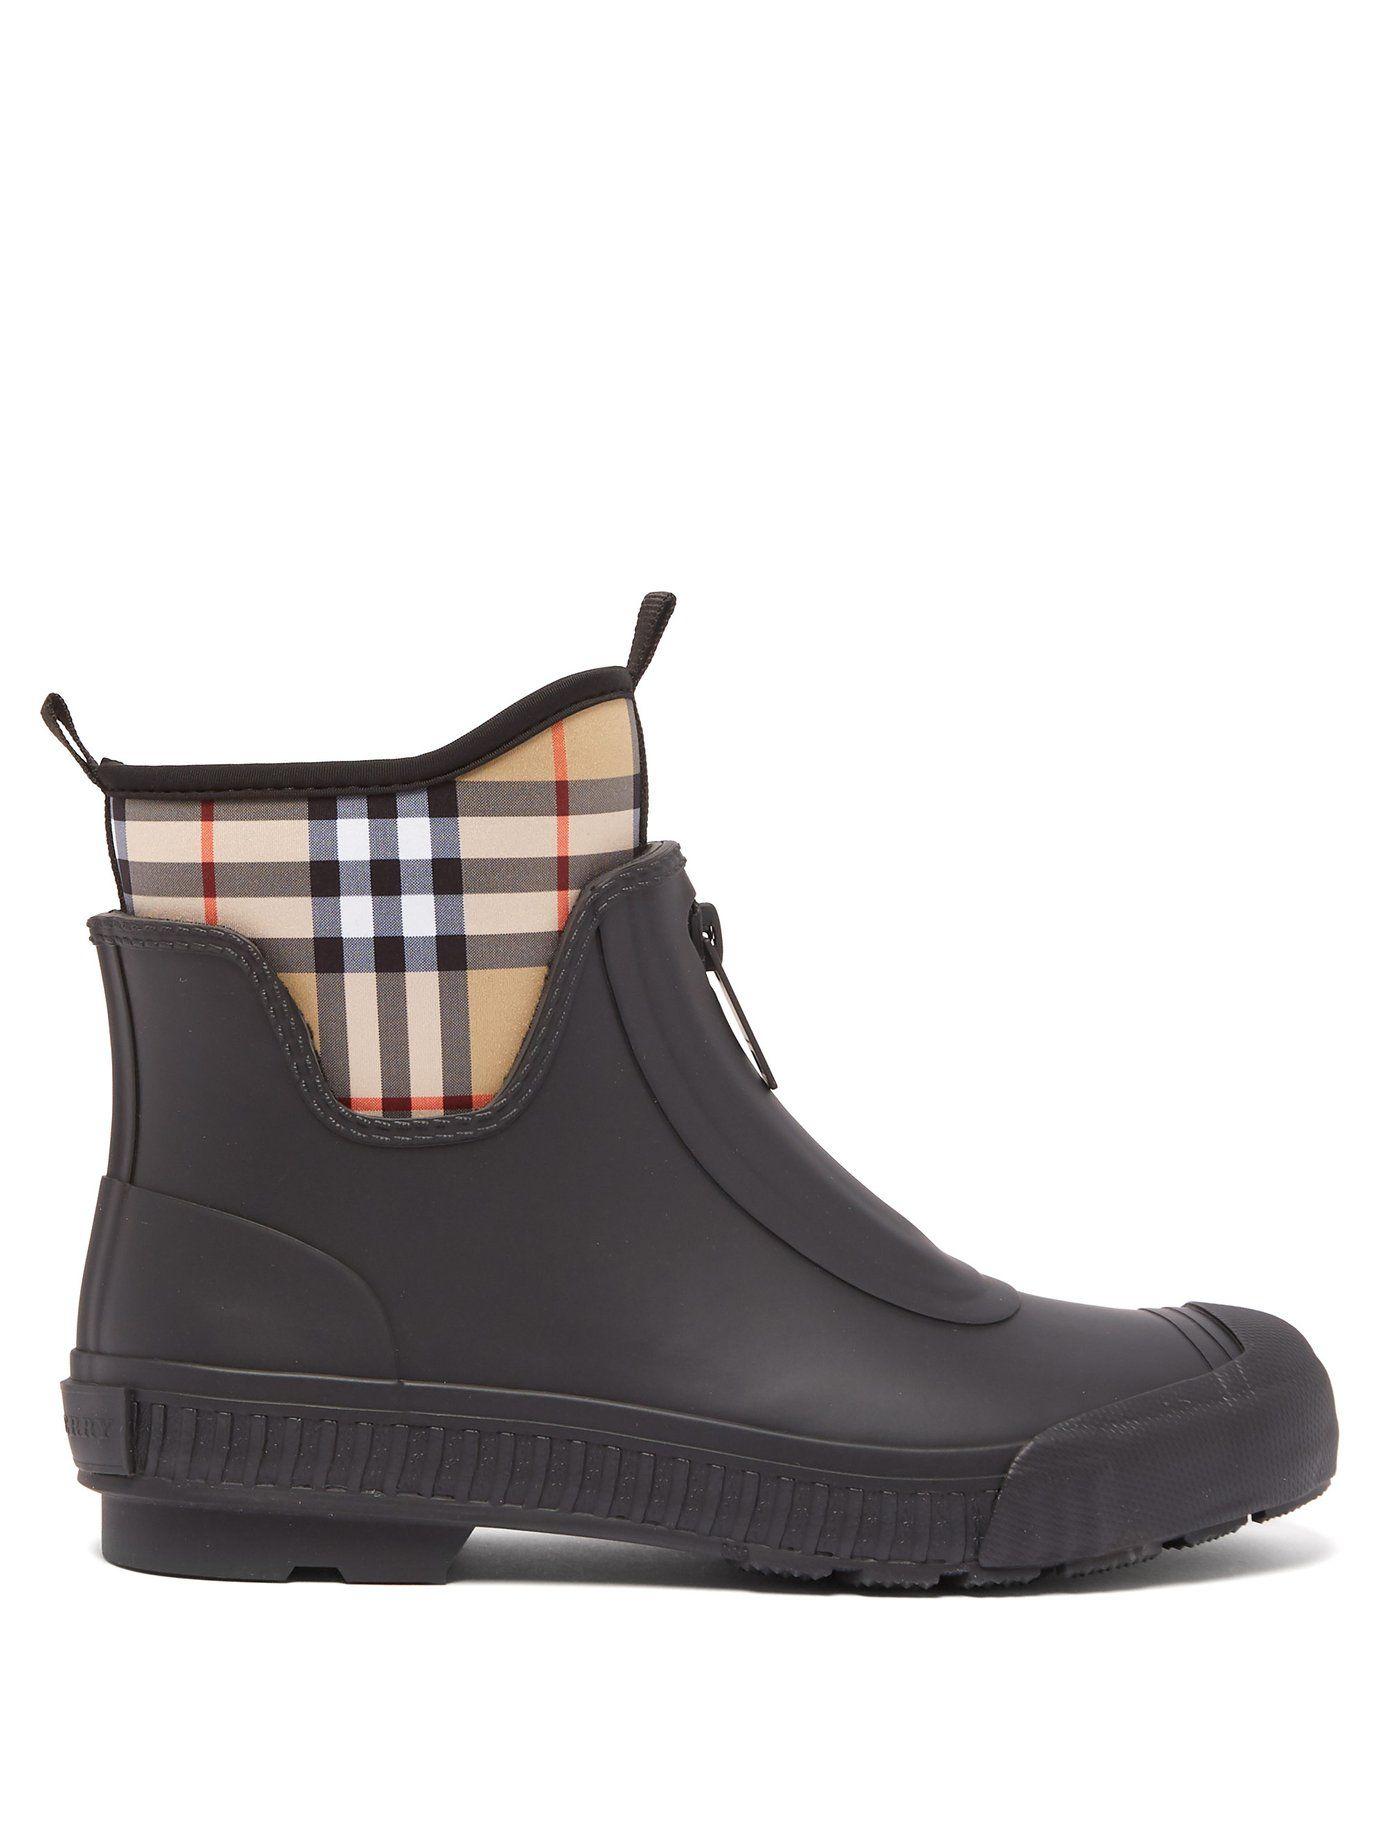 2b0adaf1b3b Flinton Vintage-checked boots | Burberry | MATCHESFASHION.COM US ...